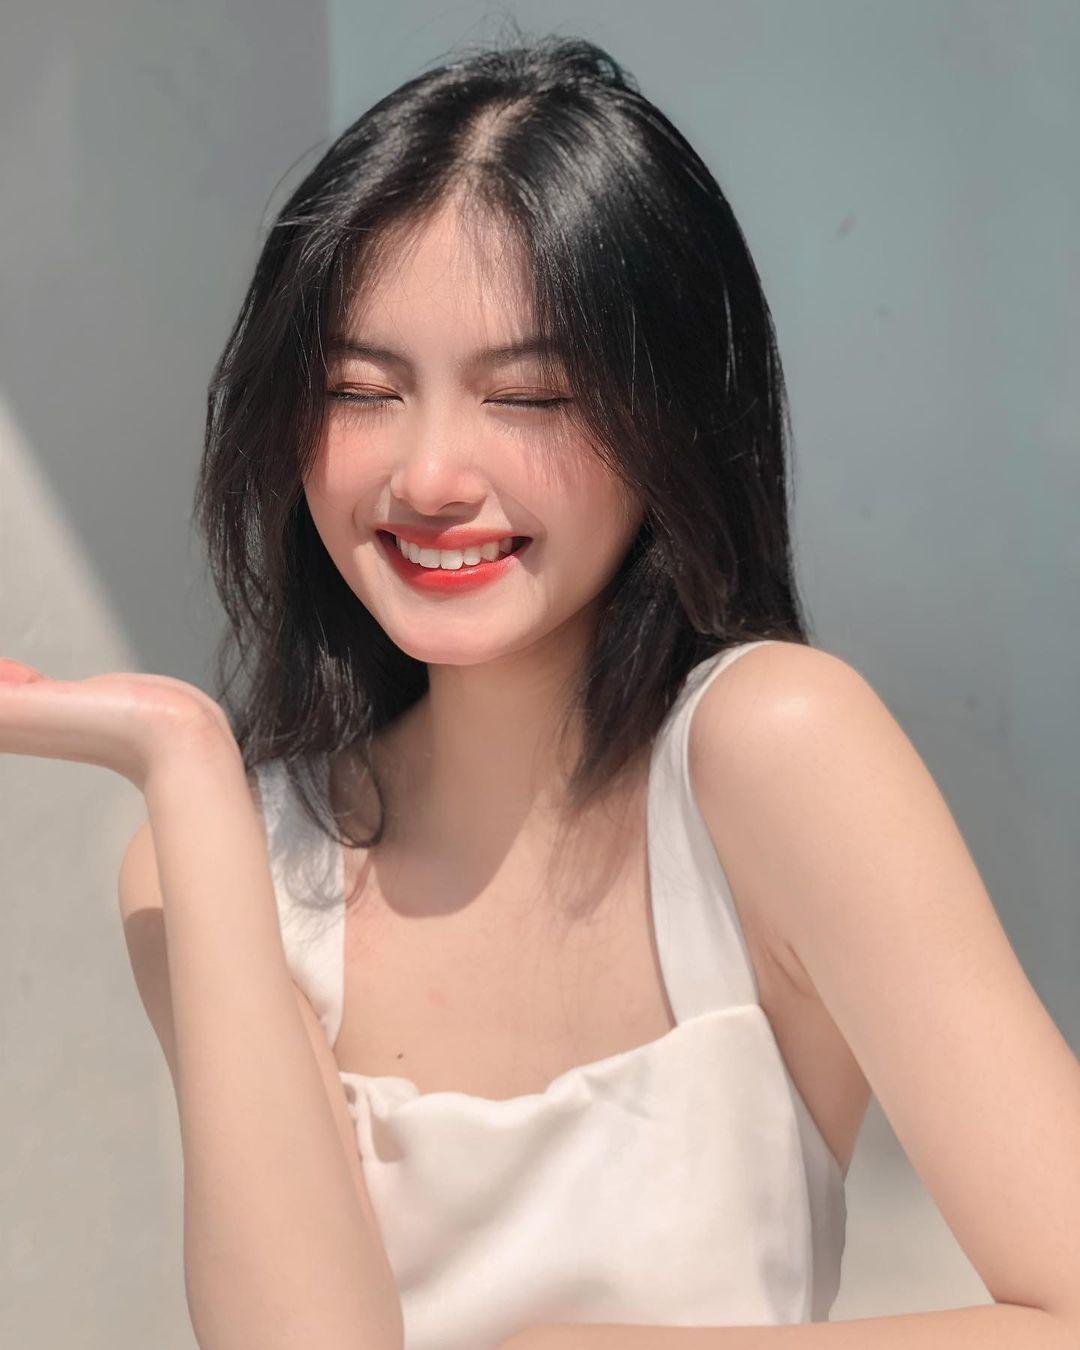 [人物]清纯越南妹子「Leely」辣穿奥黛,让人不被她掳获都不行啊. 养眼图片 第15张